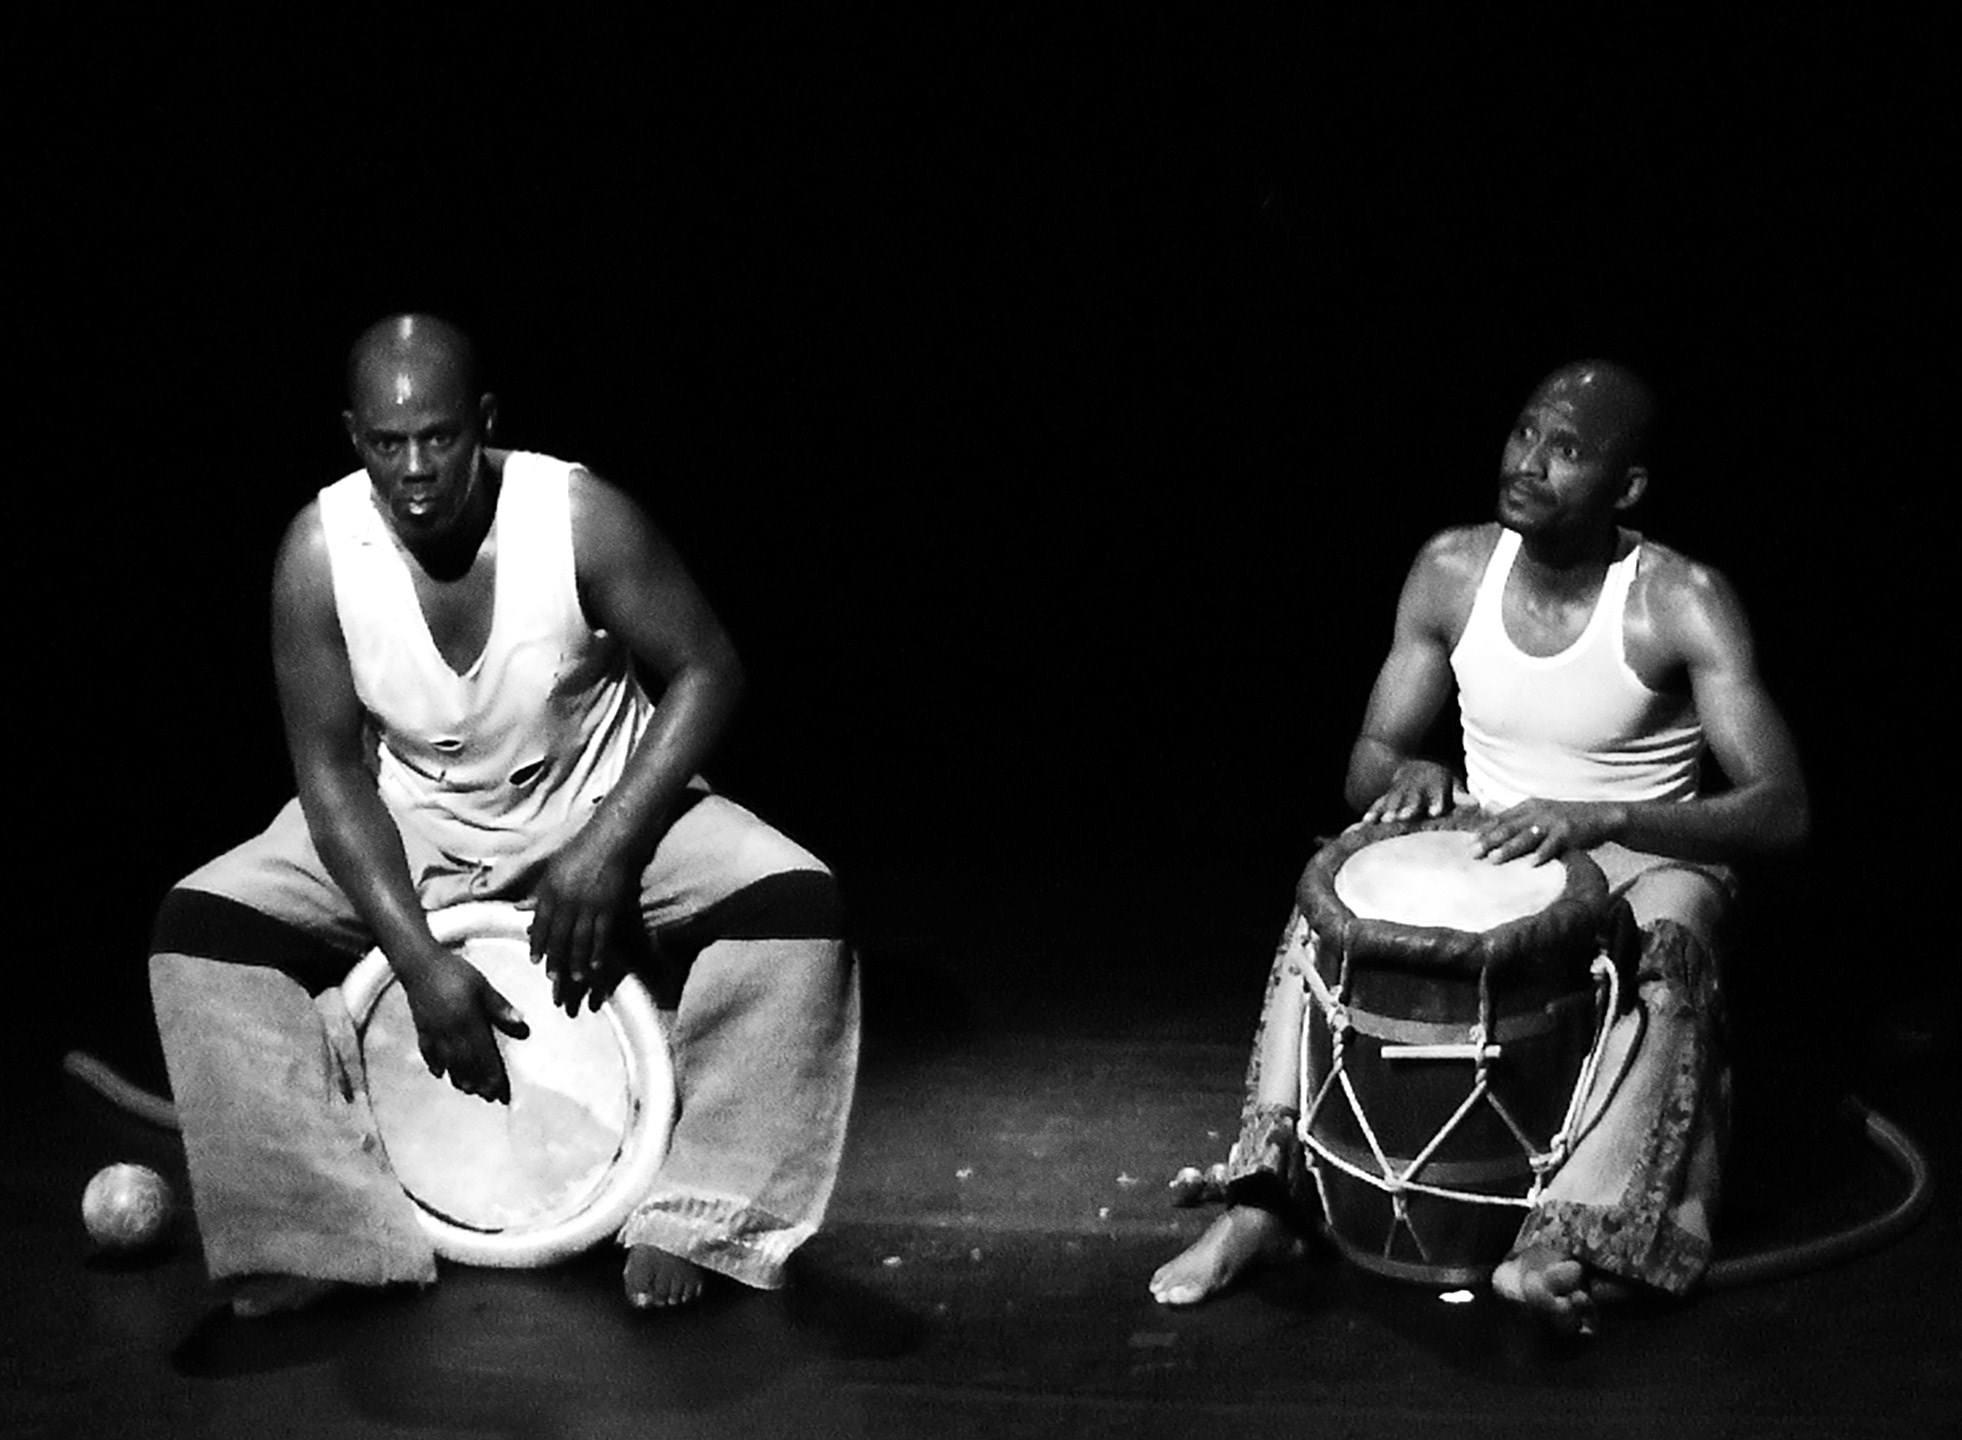 cie-boukousou-waka-douvan-jou-cite-musique-marseille-51